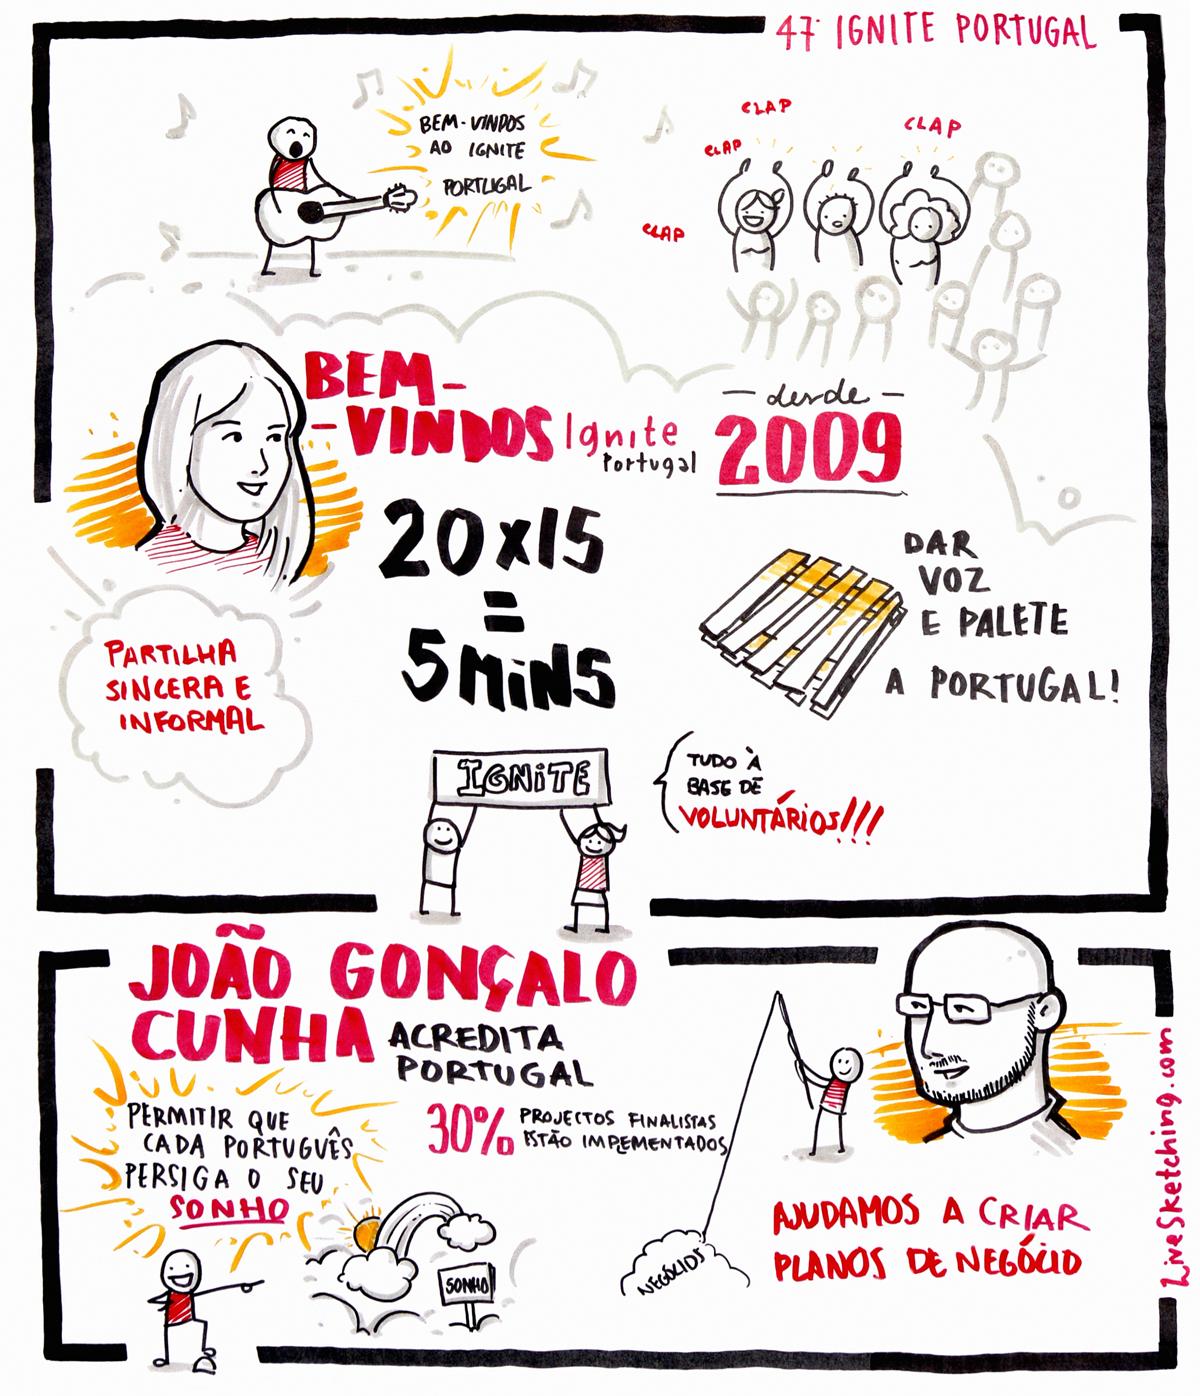 IGNITE Portugal #47 - João Gonçalo Cunha